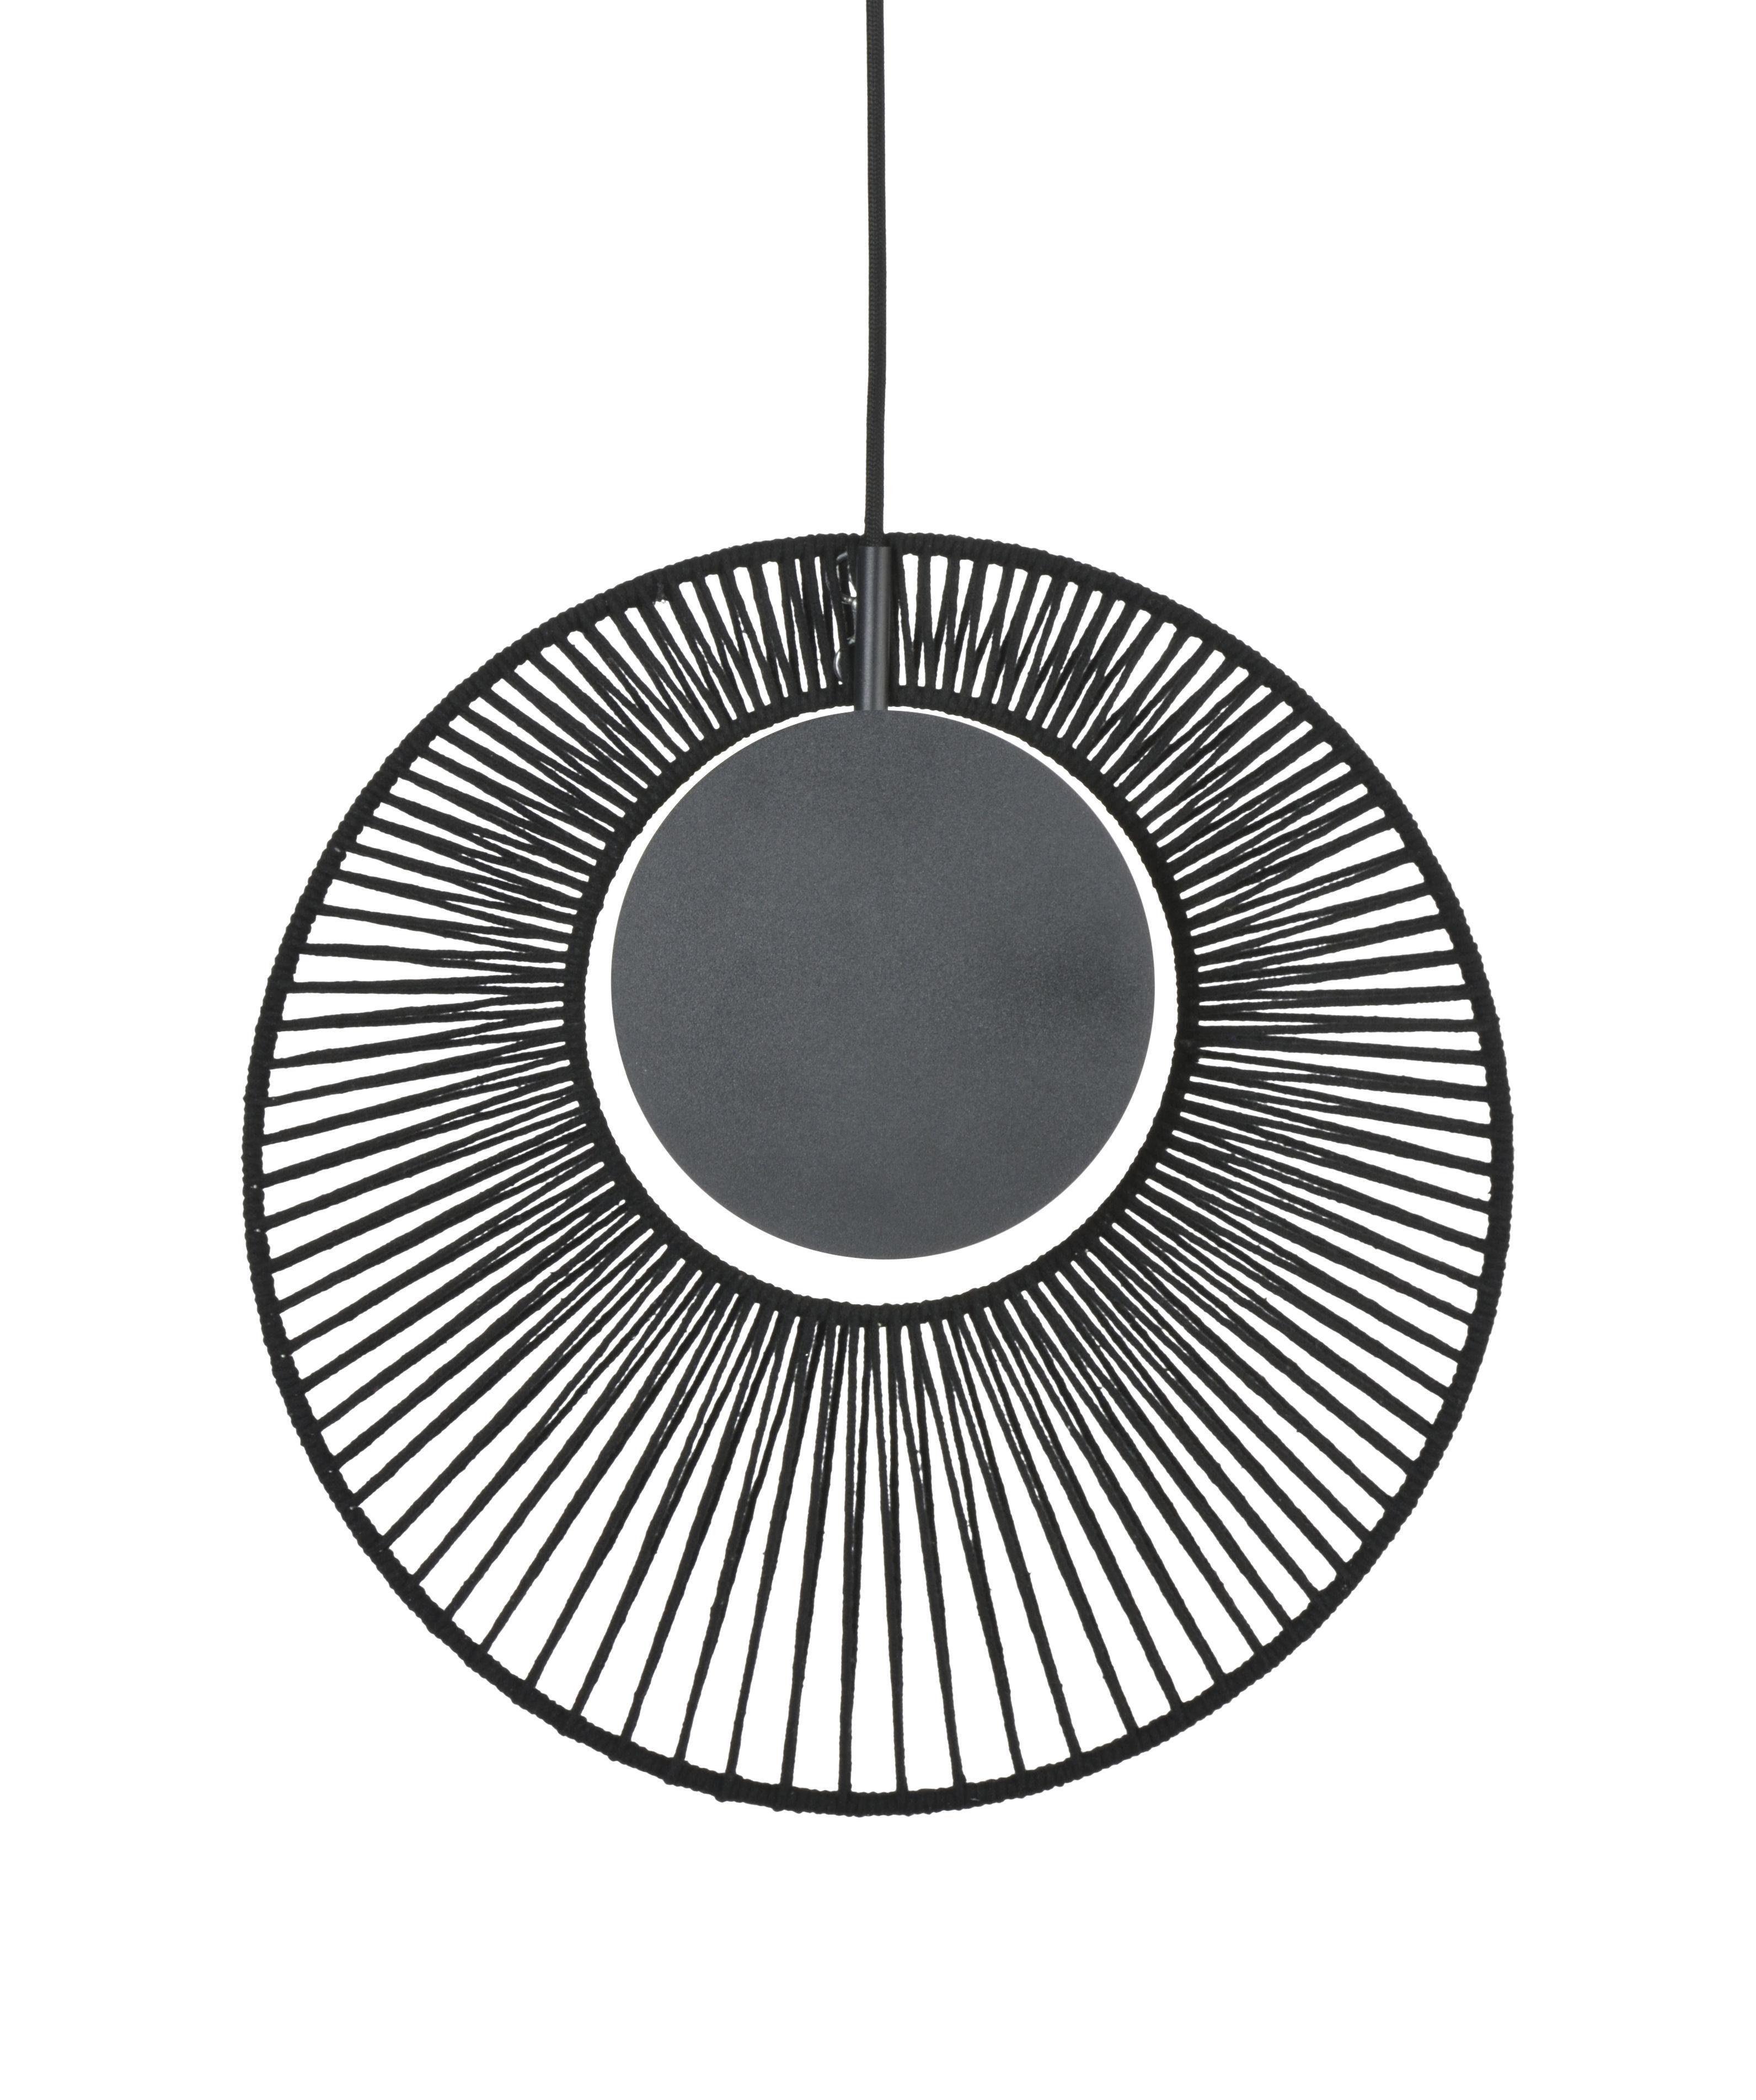 Illuminazione - Lampadari - Sospensione Oyster - / Ø 40 x H 42,5 cm di Forestier - nero - Cotone, Metallo